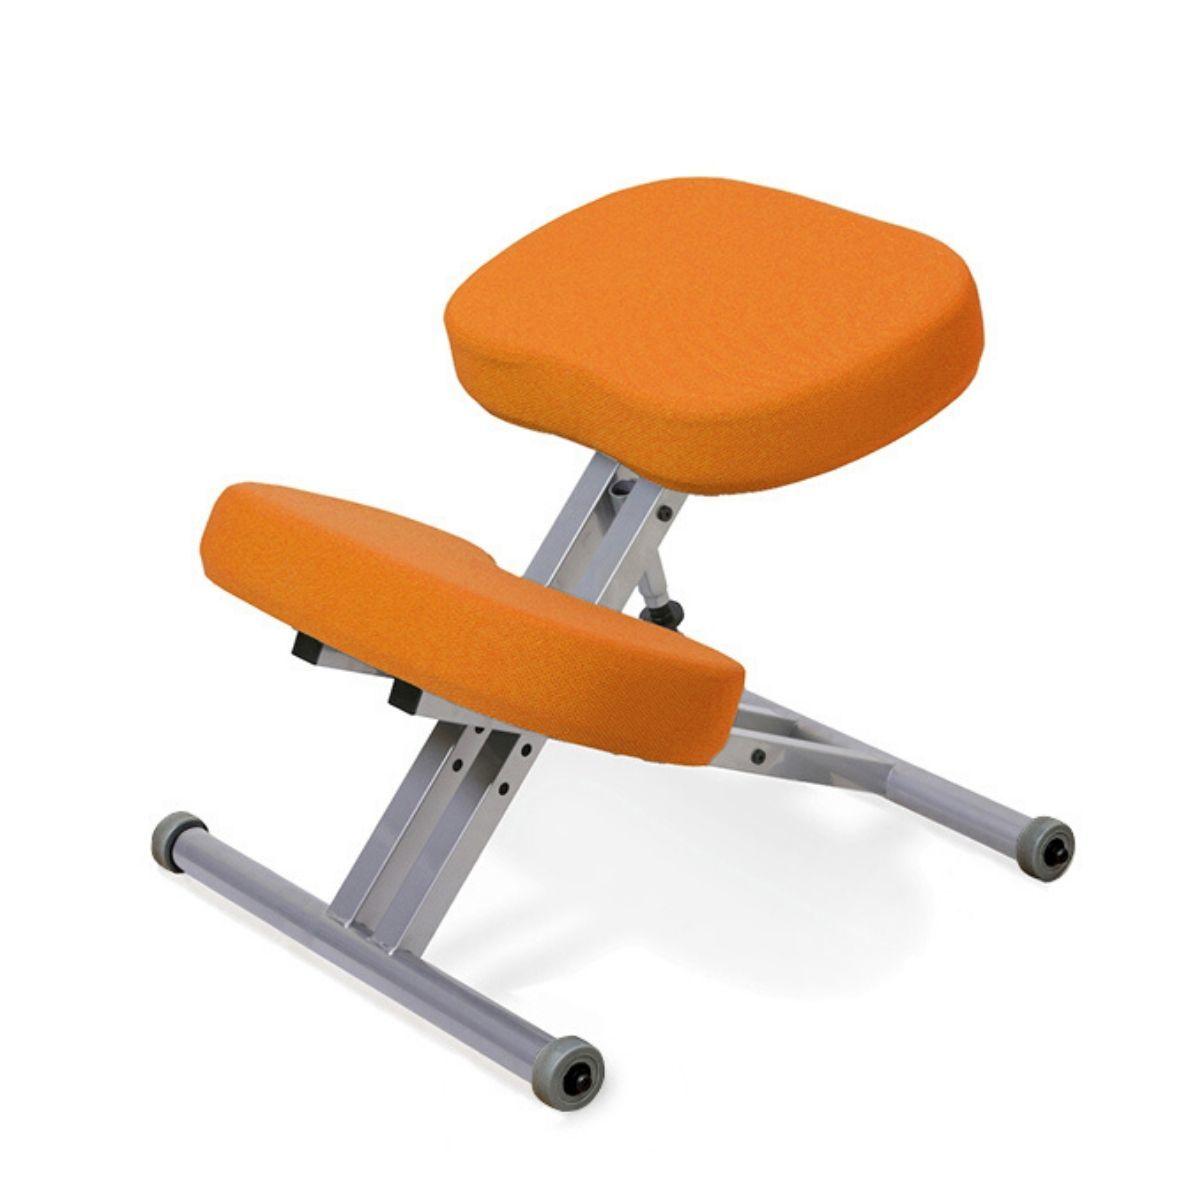 Стул коленный Smartstool KM01 без газлифта оранжевый